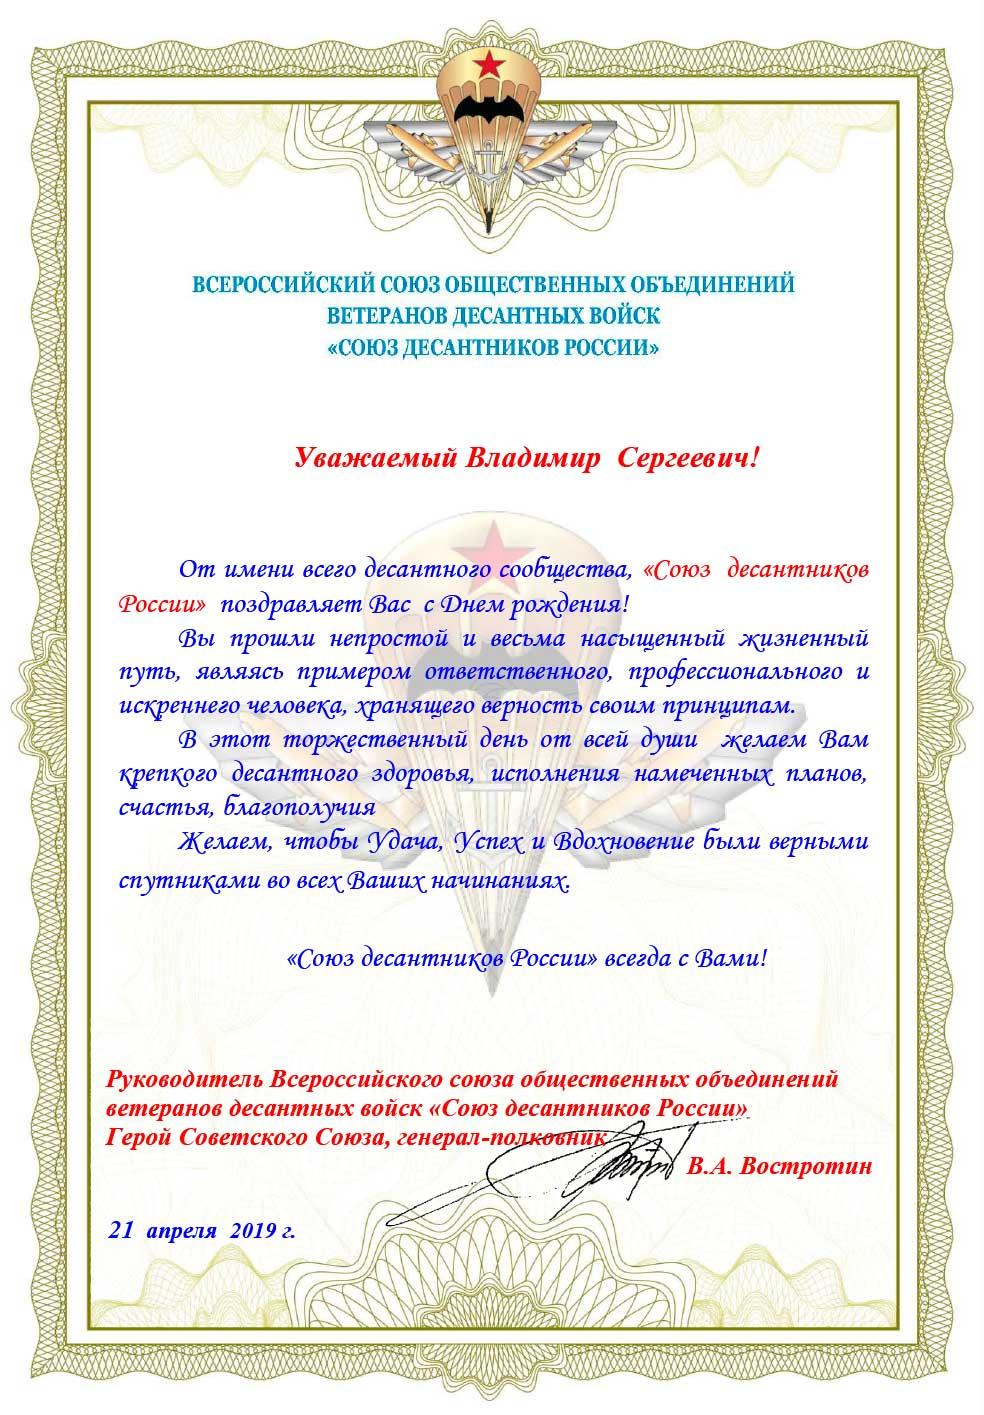 ПОЗДРАВЛЯЕМ С ДНЕМ РОЖДЕНИЯ ЧЛЕНА ЦЕНТРАЛЬНОГО СОВЕТА «СОЮЗА ДЕСАНТНИКОВ РОССИИ» ВШИВЦЕВА ВЛАДИМИРА СЕРГЕЕВИЧА!